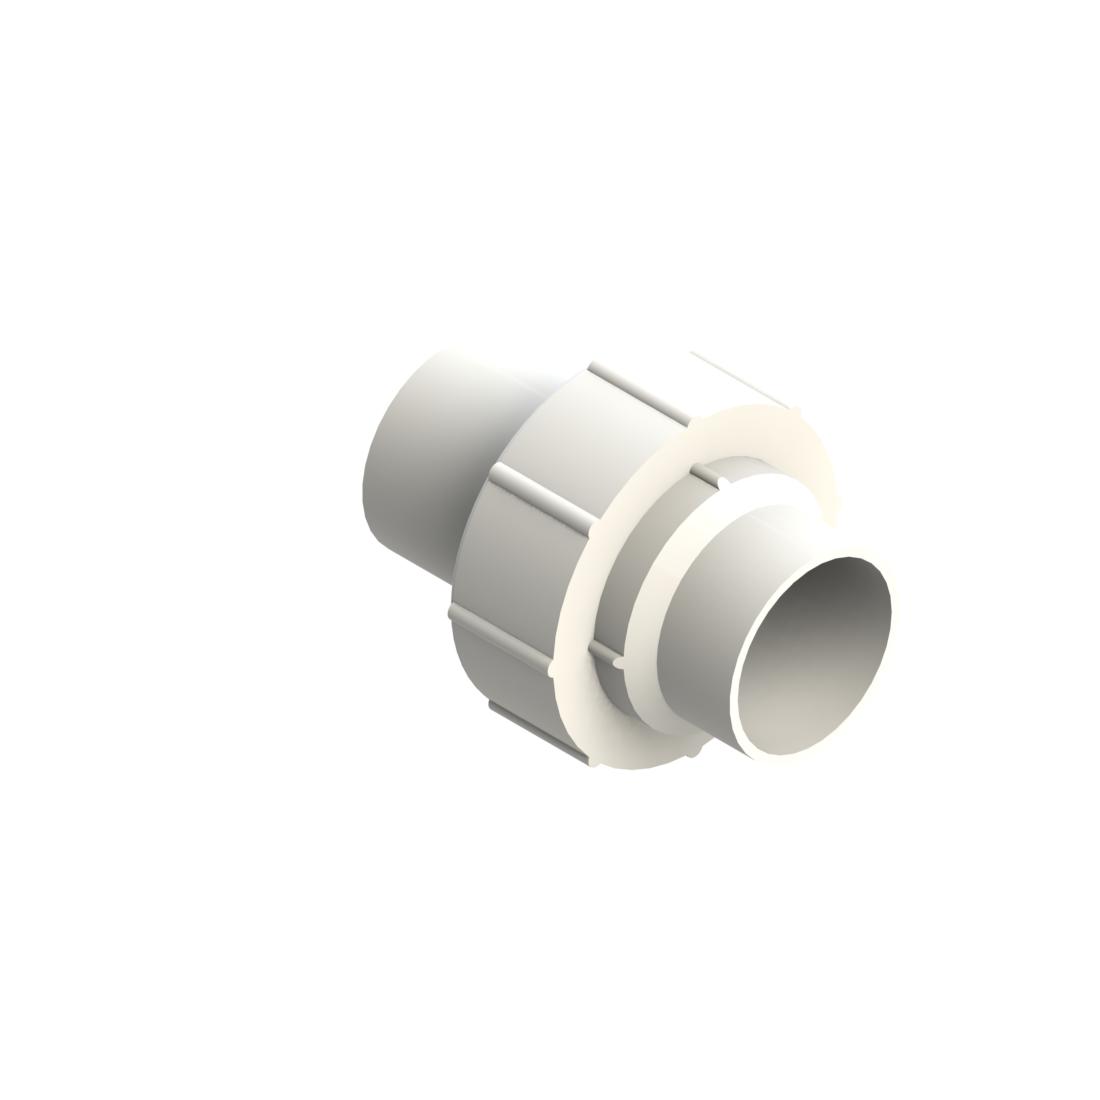 PVDF UHP 3-delige koppeling standaard